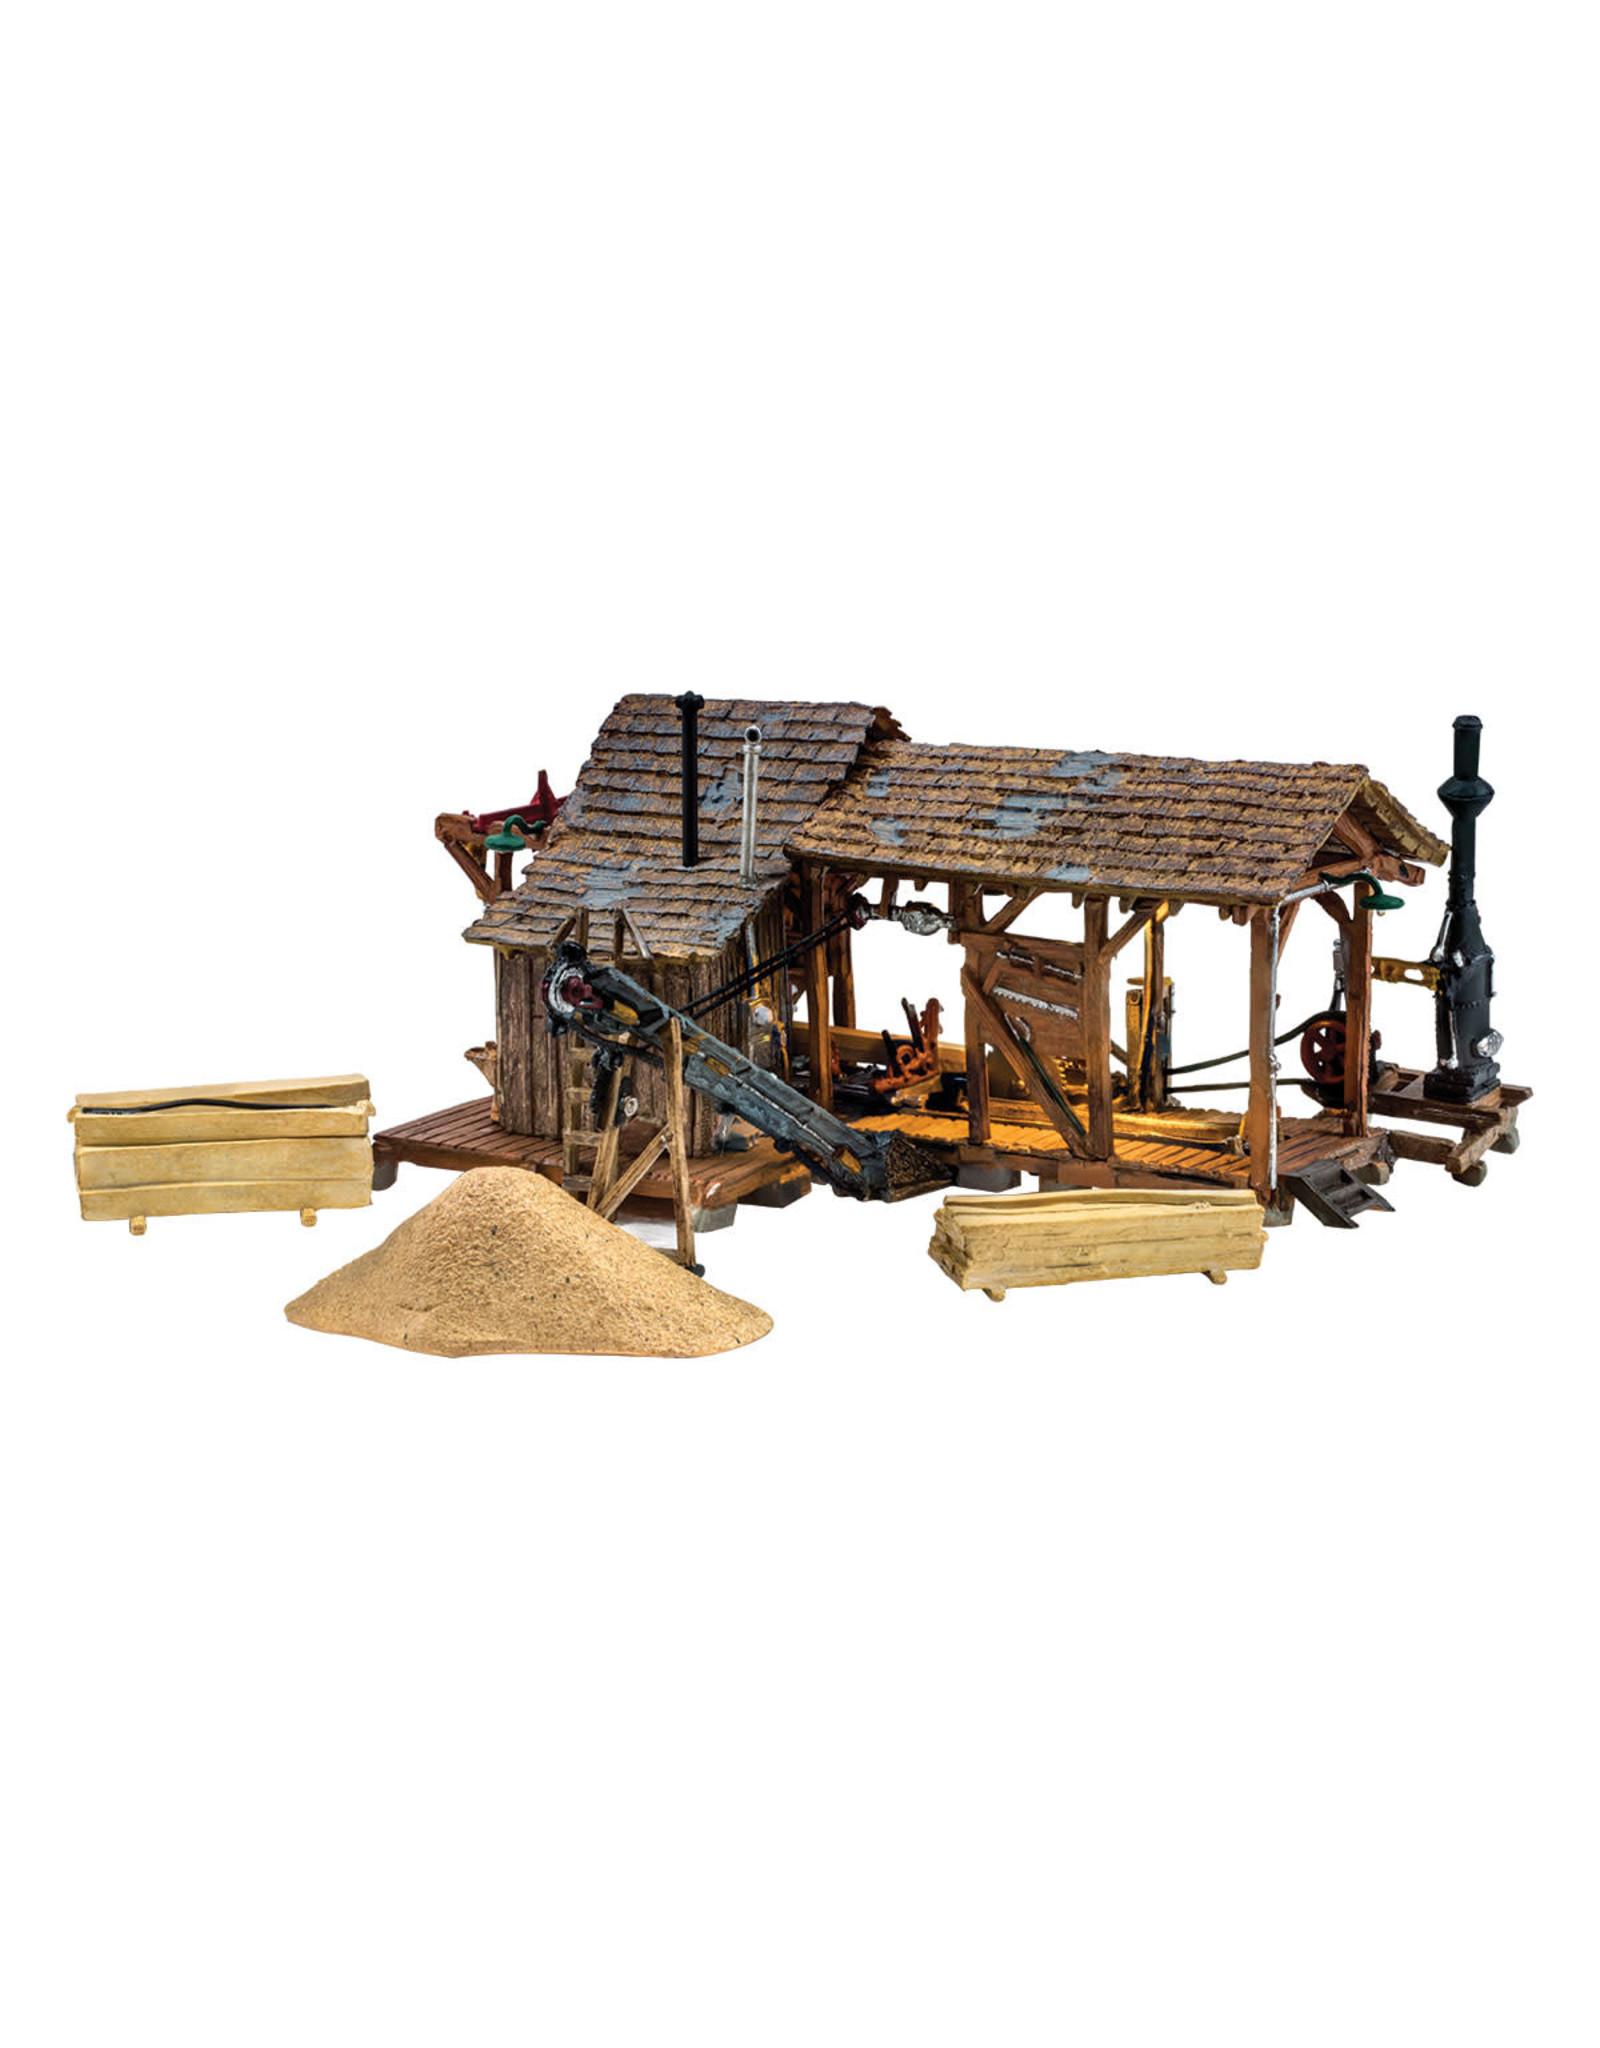 WOO HO B/U Buzz's Sawmill